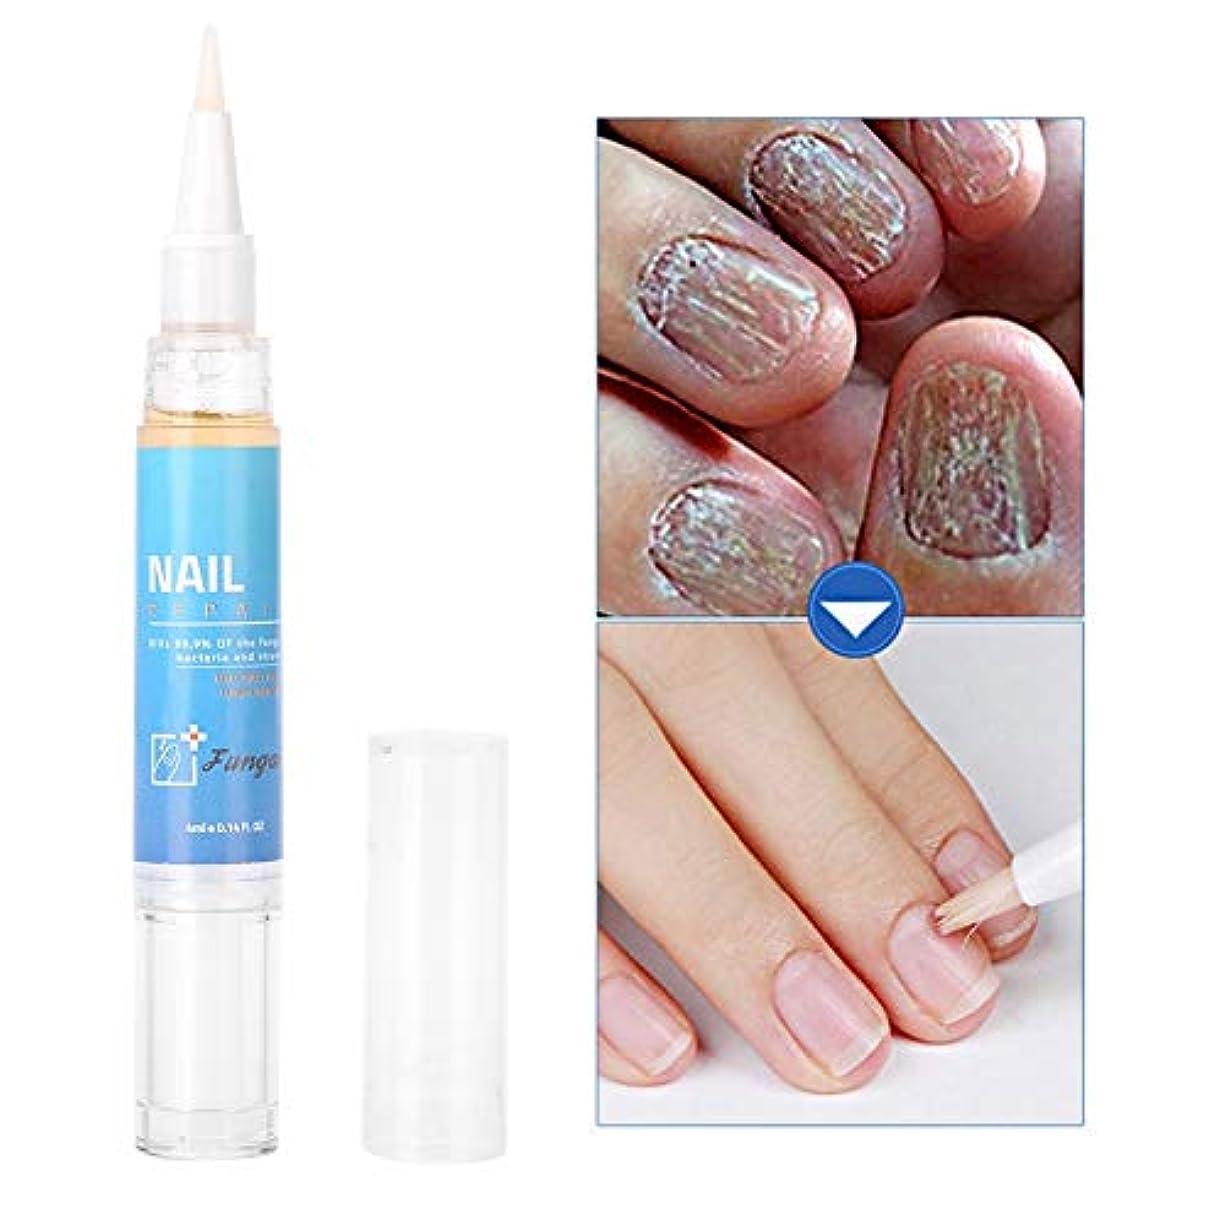 ラフト始める背景ネイルケアクリーム 植物抽出物 副作用なし爪の代謝を促進 新しい爪の成長を促進